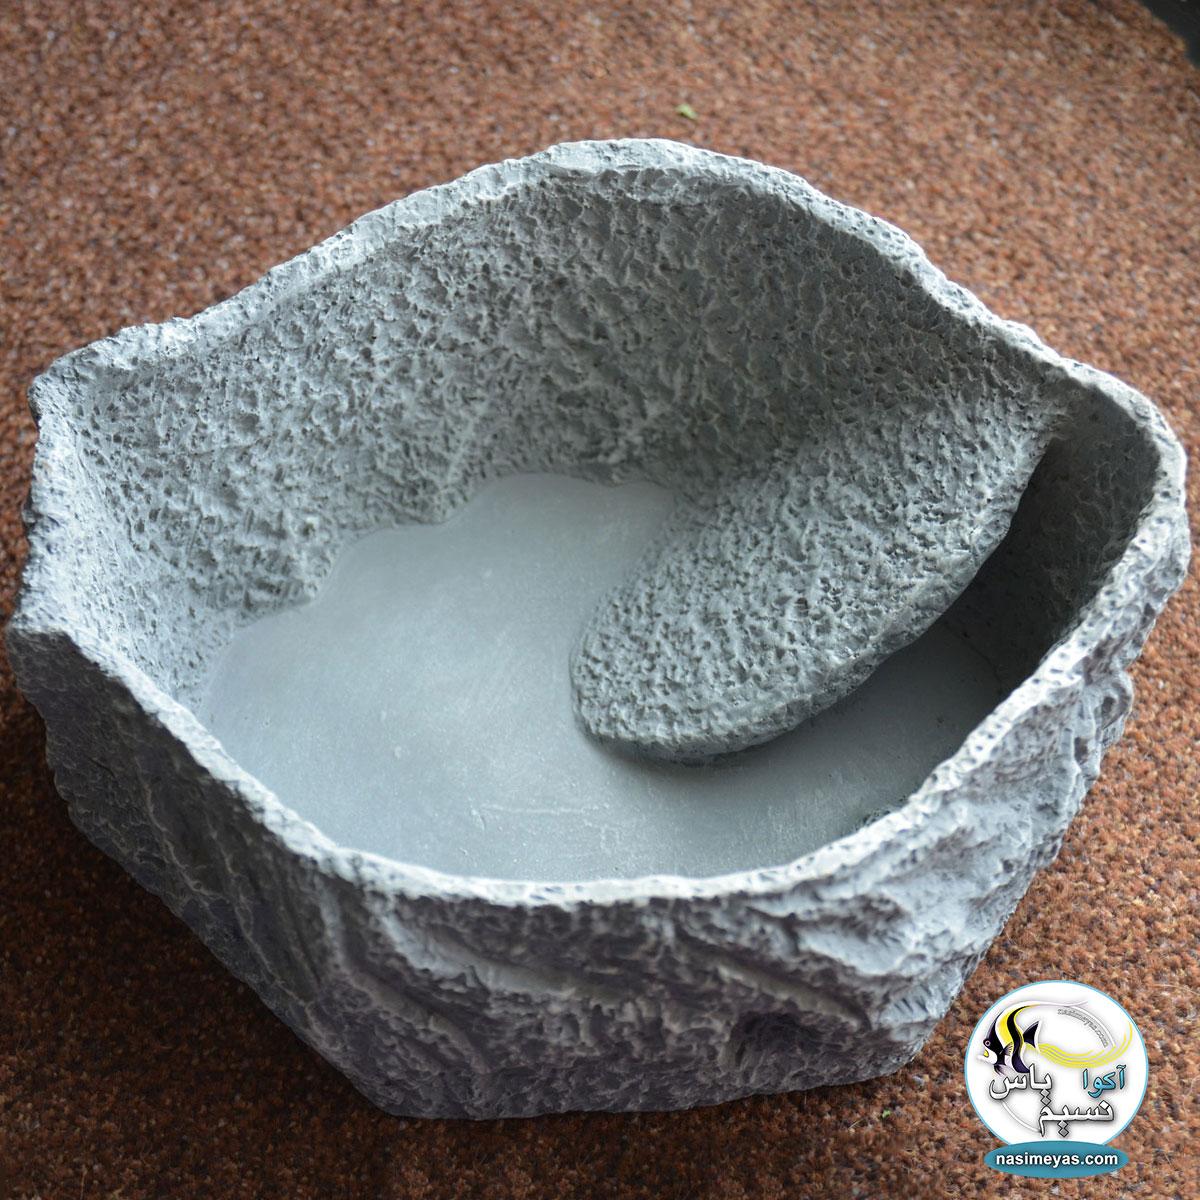 ظرف غذا و آب خوری خزندگان مدل لارج جی بی ال